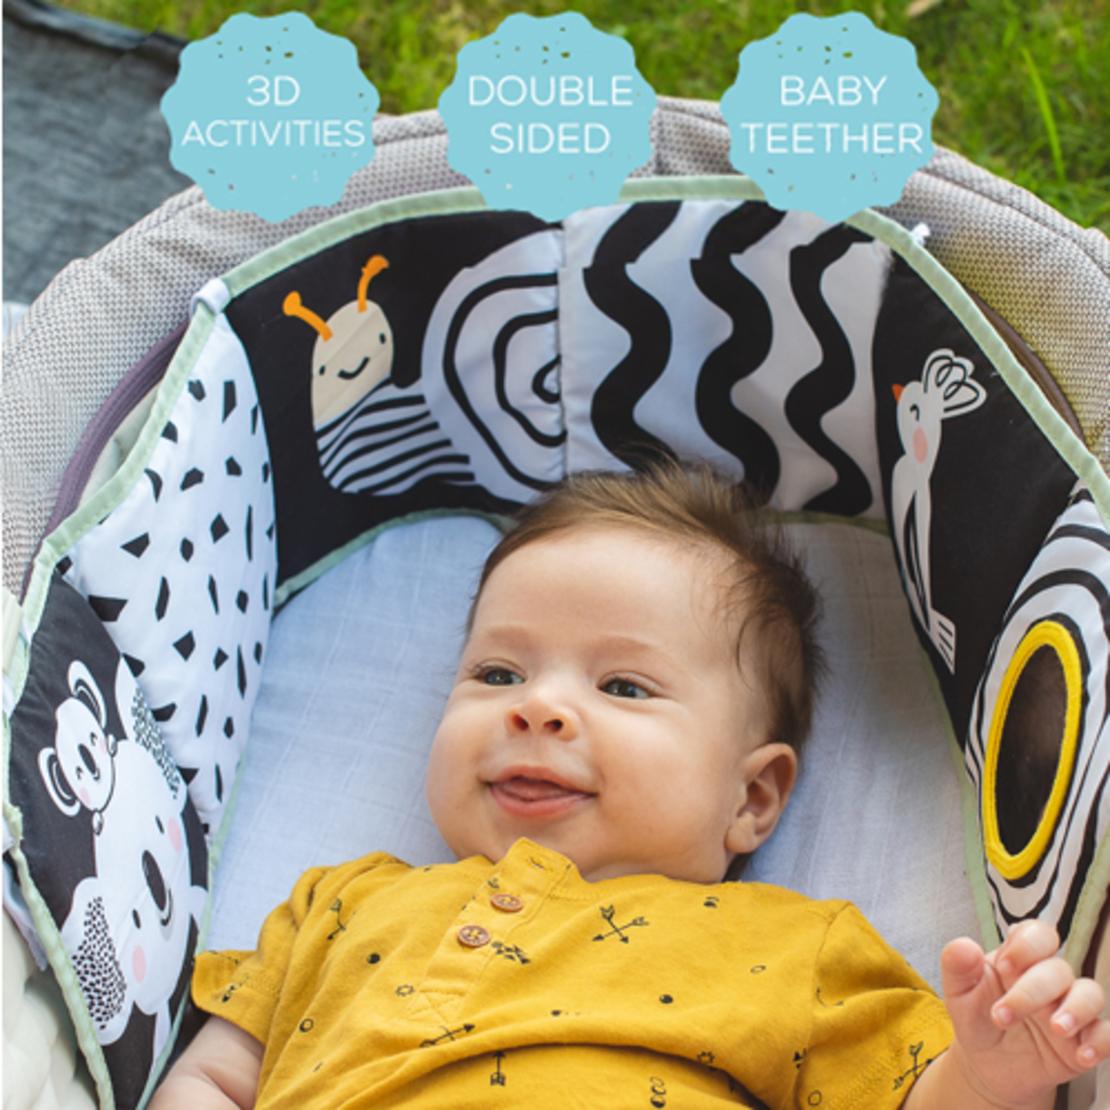 50# - ילד של אבא : מתנה לתינוק המתוק בקופסת בד לצעצועים המכילה ספר בד, שמיכה, כדור תחושות קטיפתי, בובת מקל מרשרשת וכובע